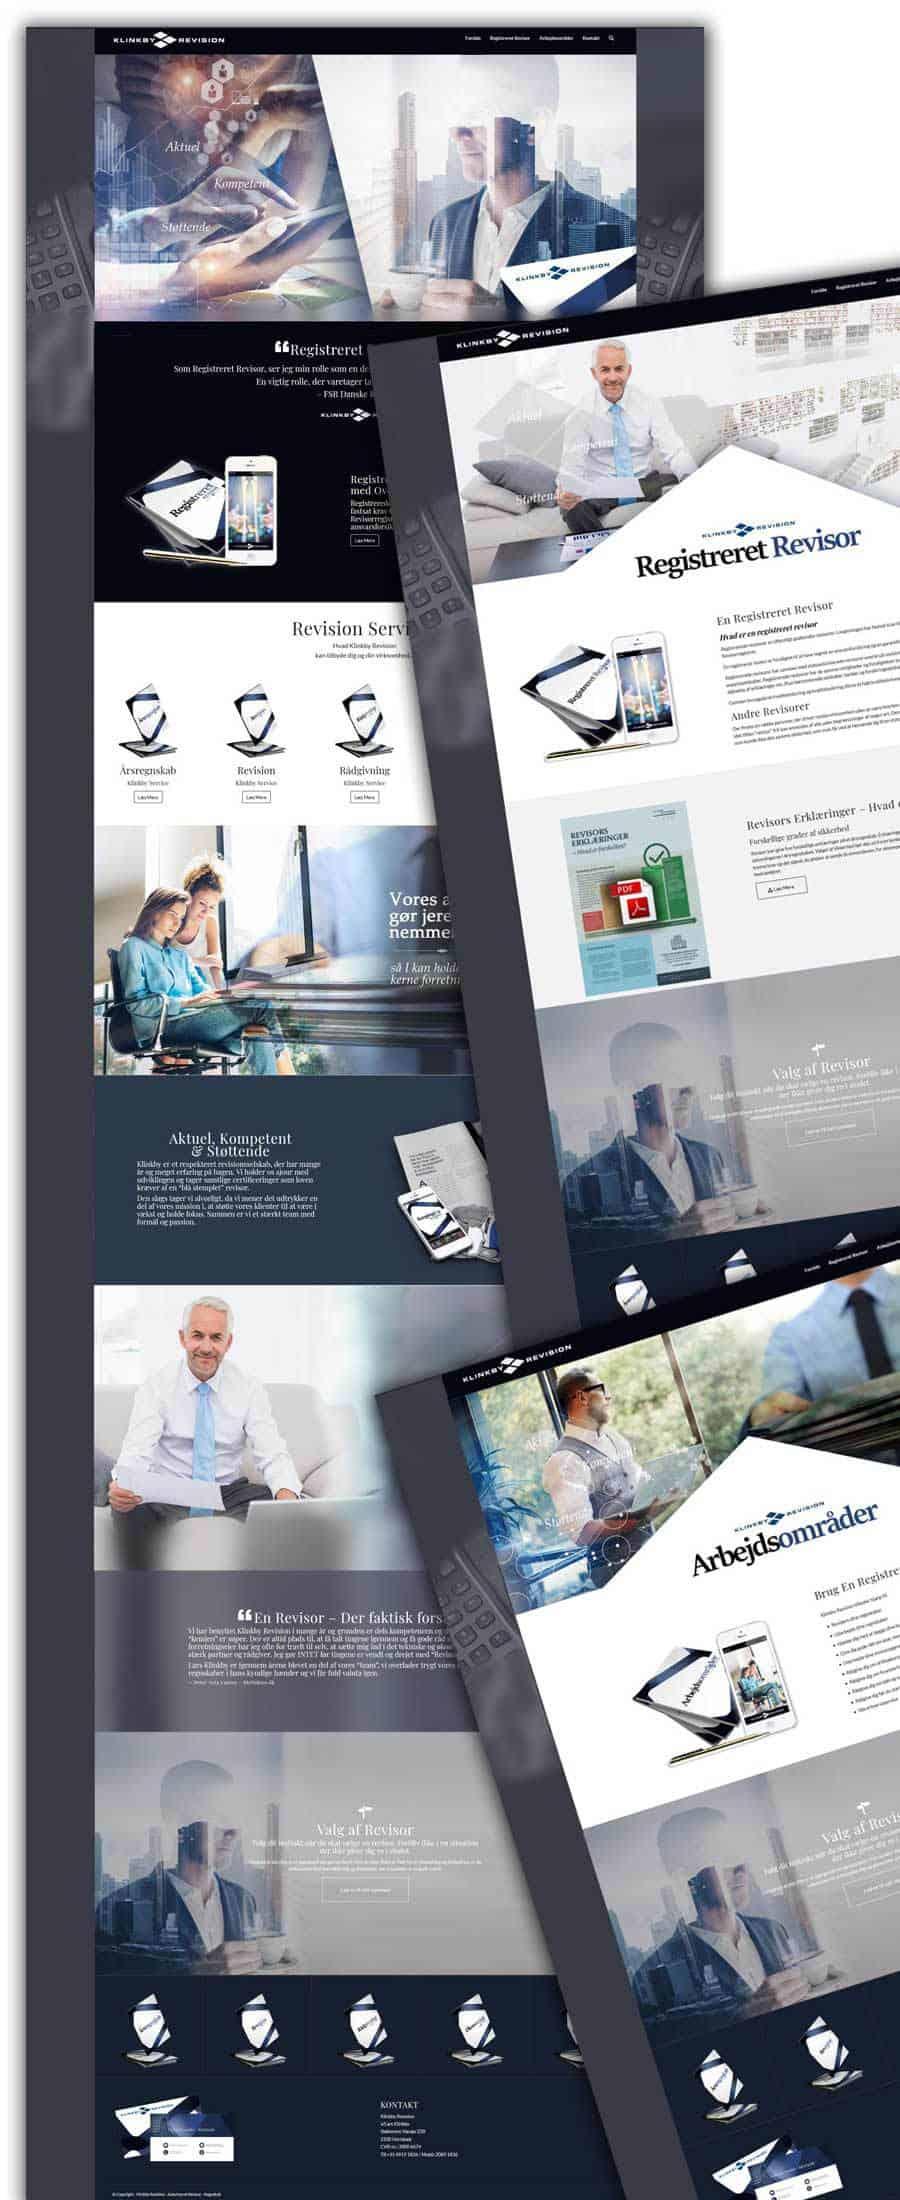 Nogle screenshots af ny sider